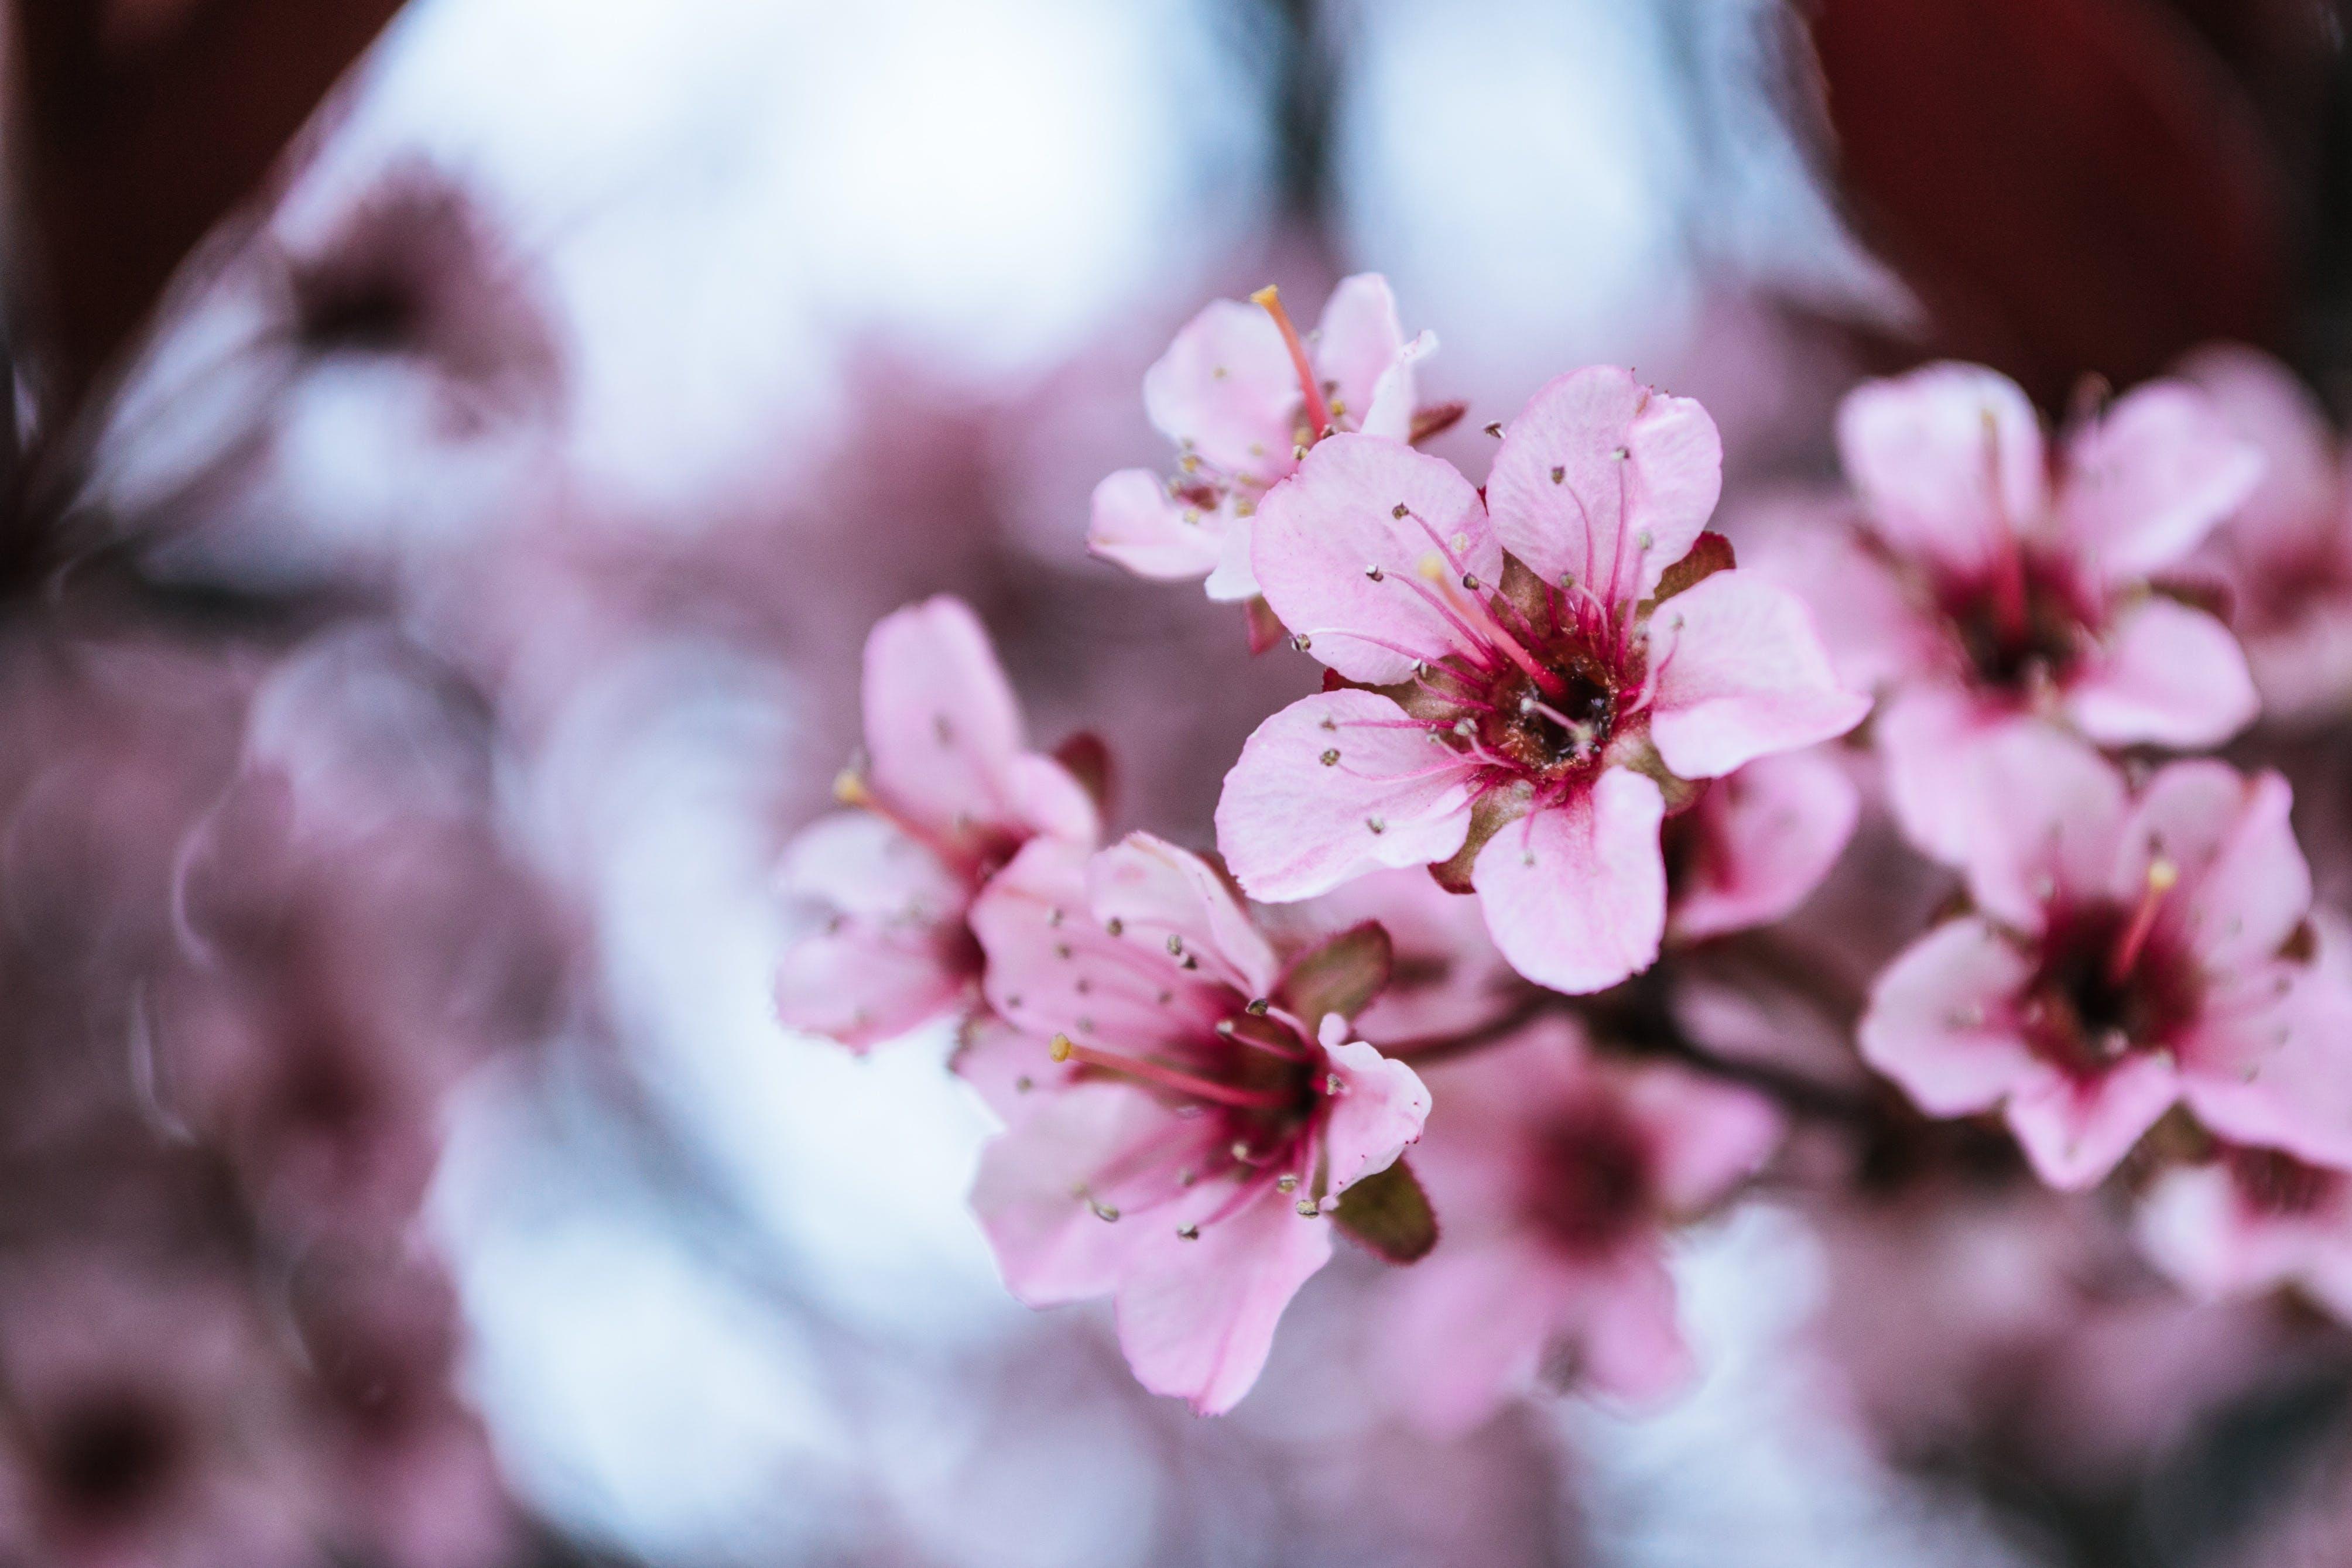 Gratis lagerfoto af blomster, blomstermotiv, blomstrende, dof